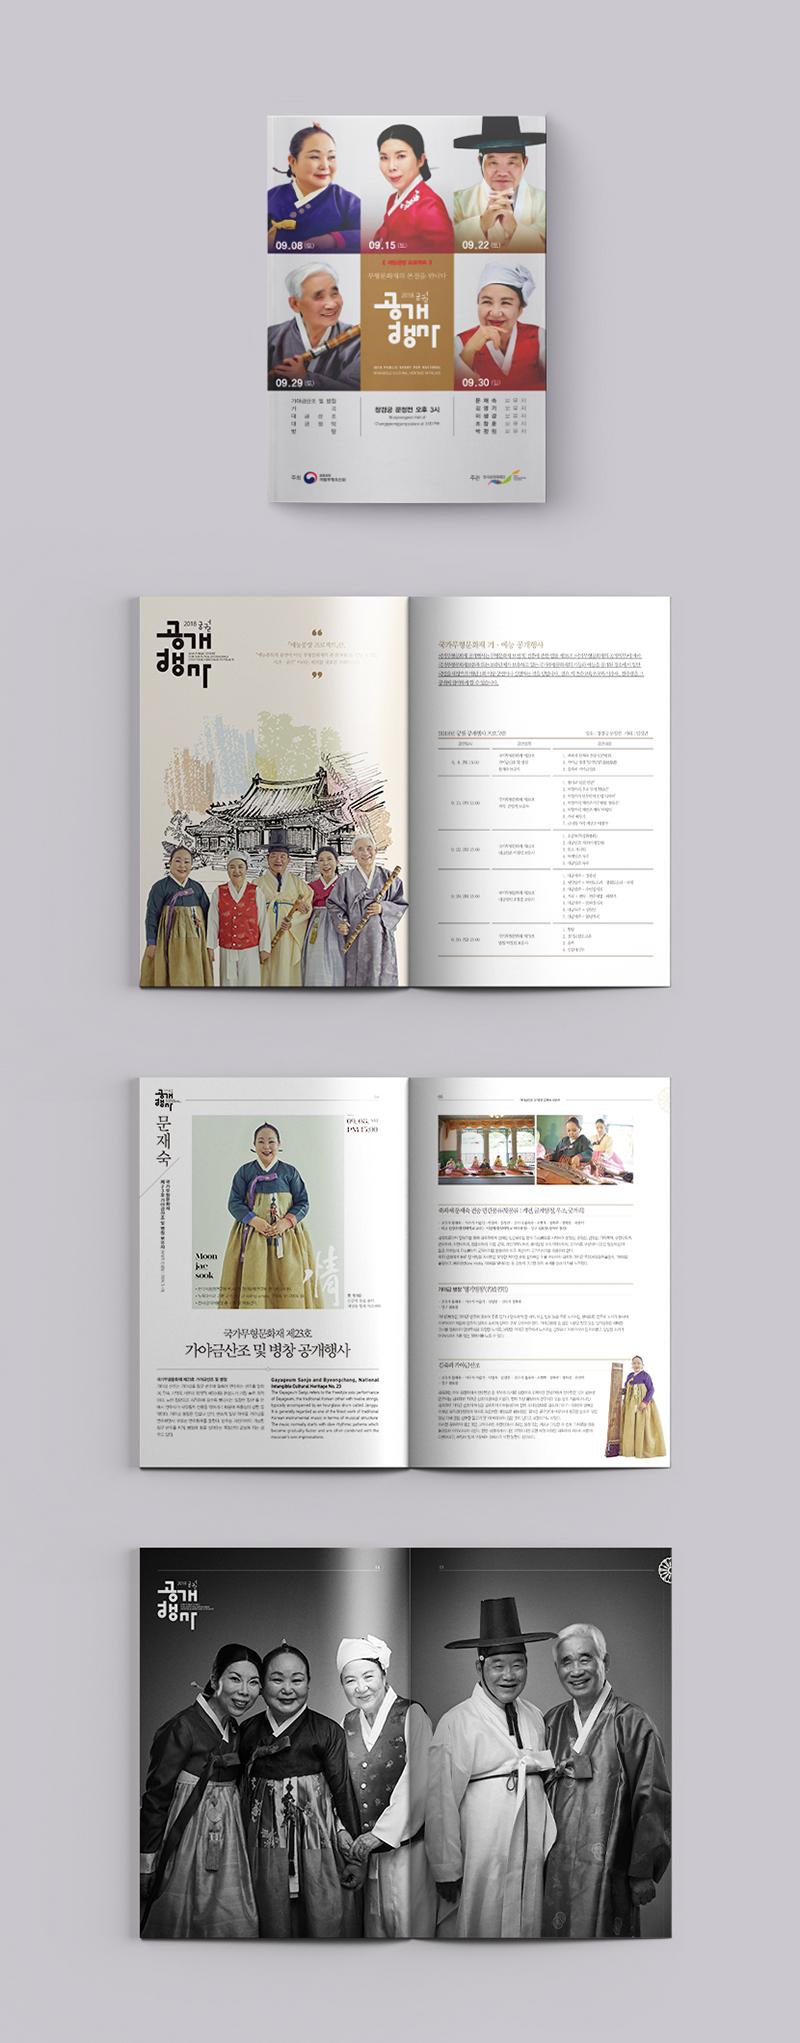 2018궁궐공개행사 썸네일.jpg